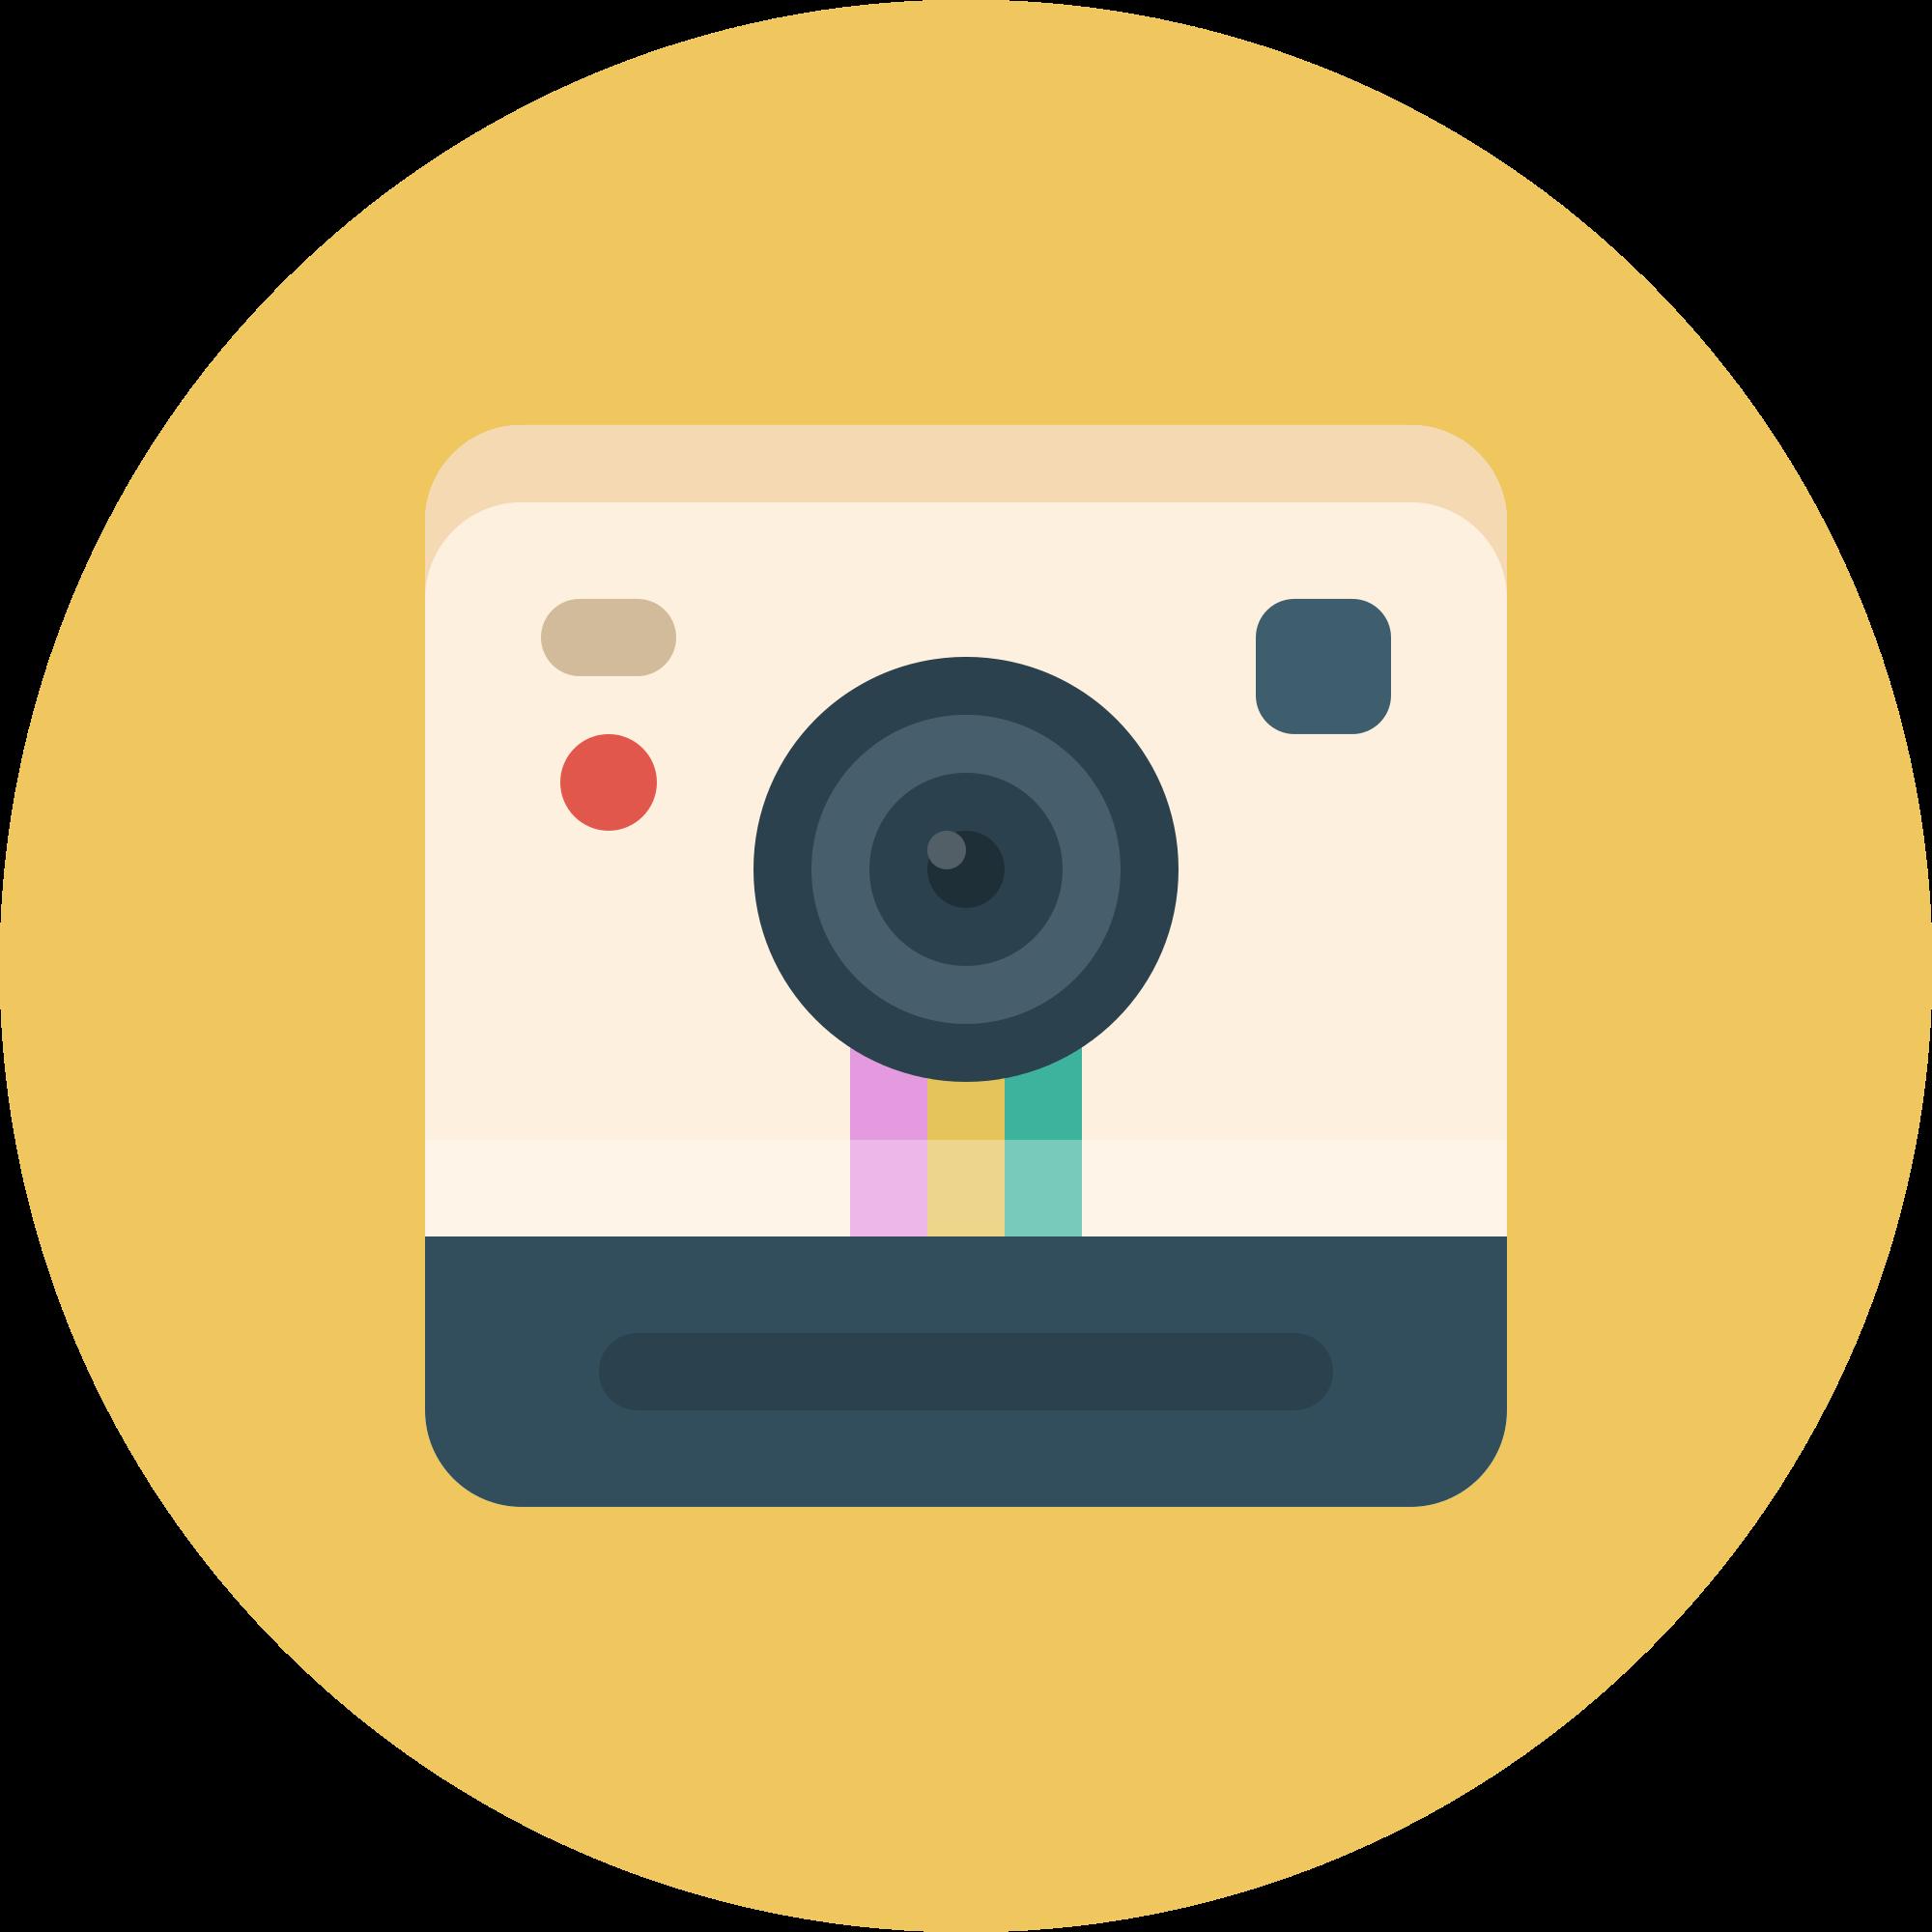 File ballonicon svg wikimedia. Clipart camera polaroid camera